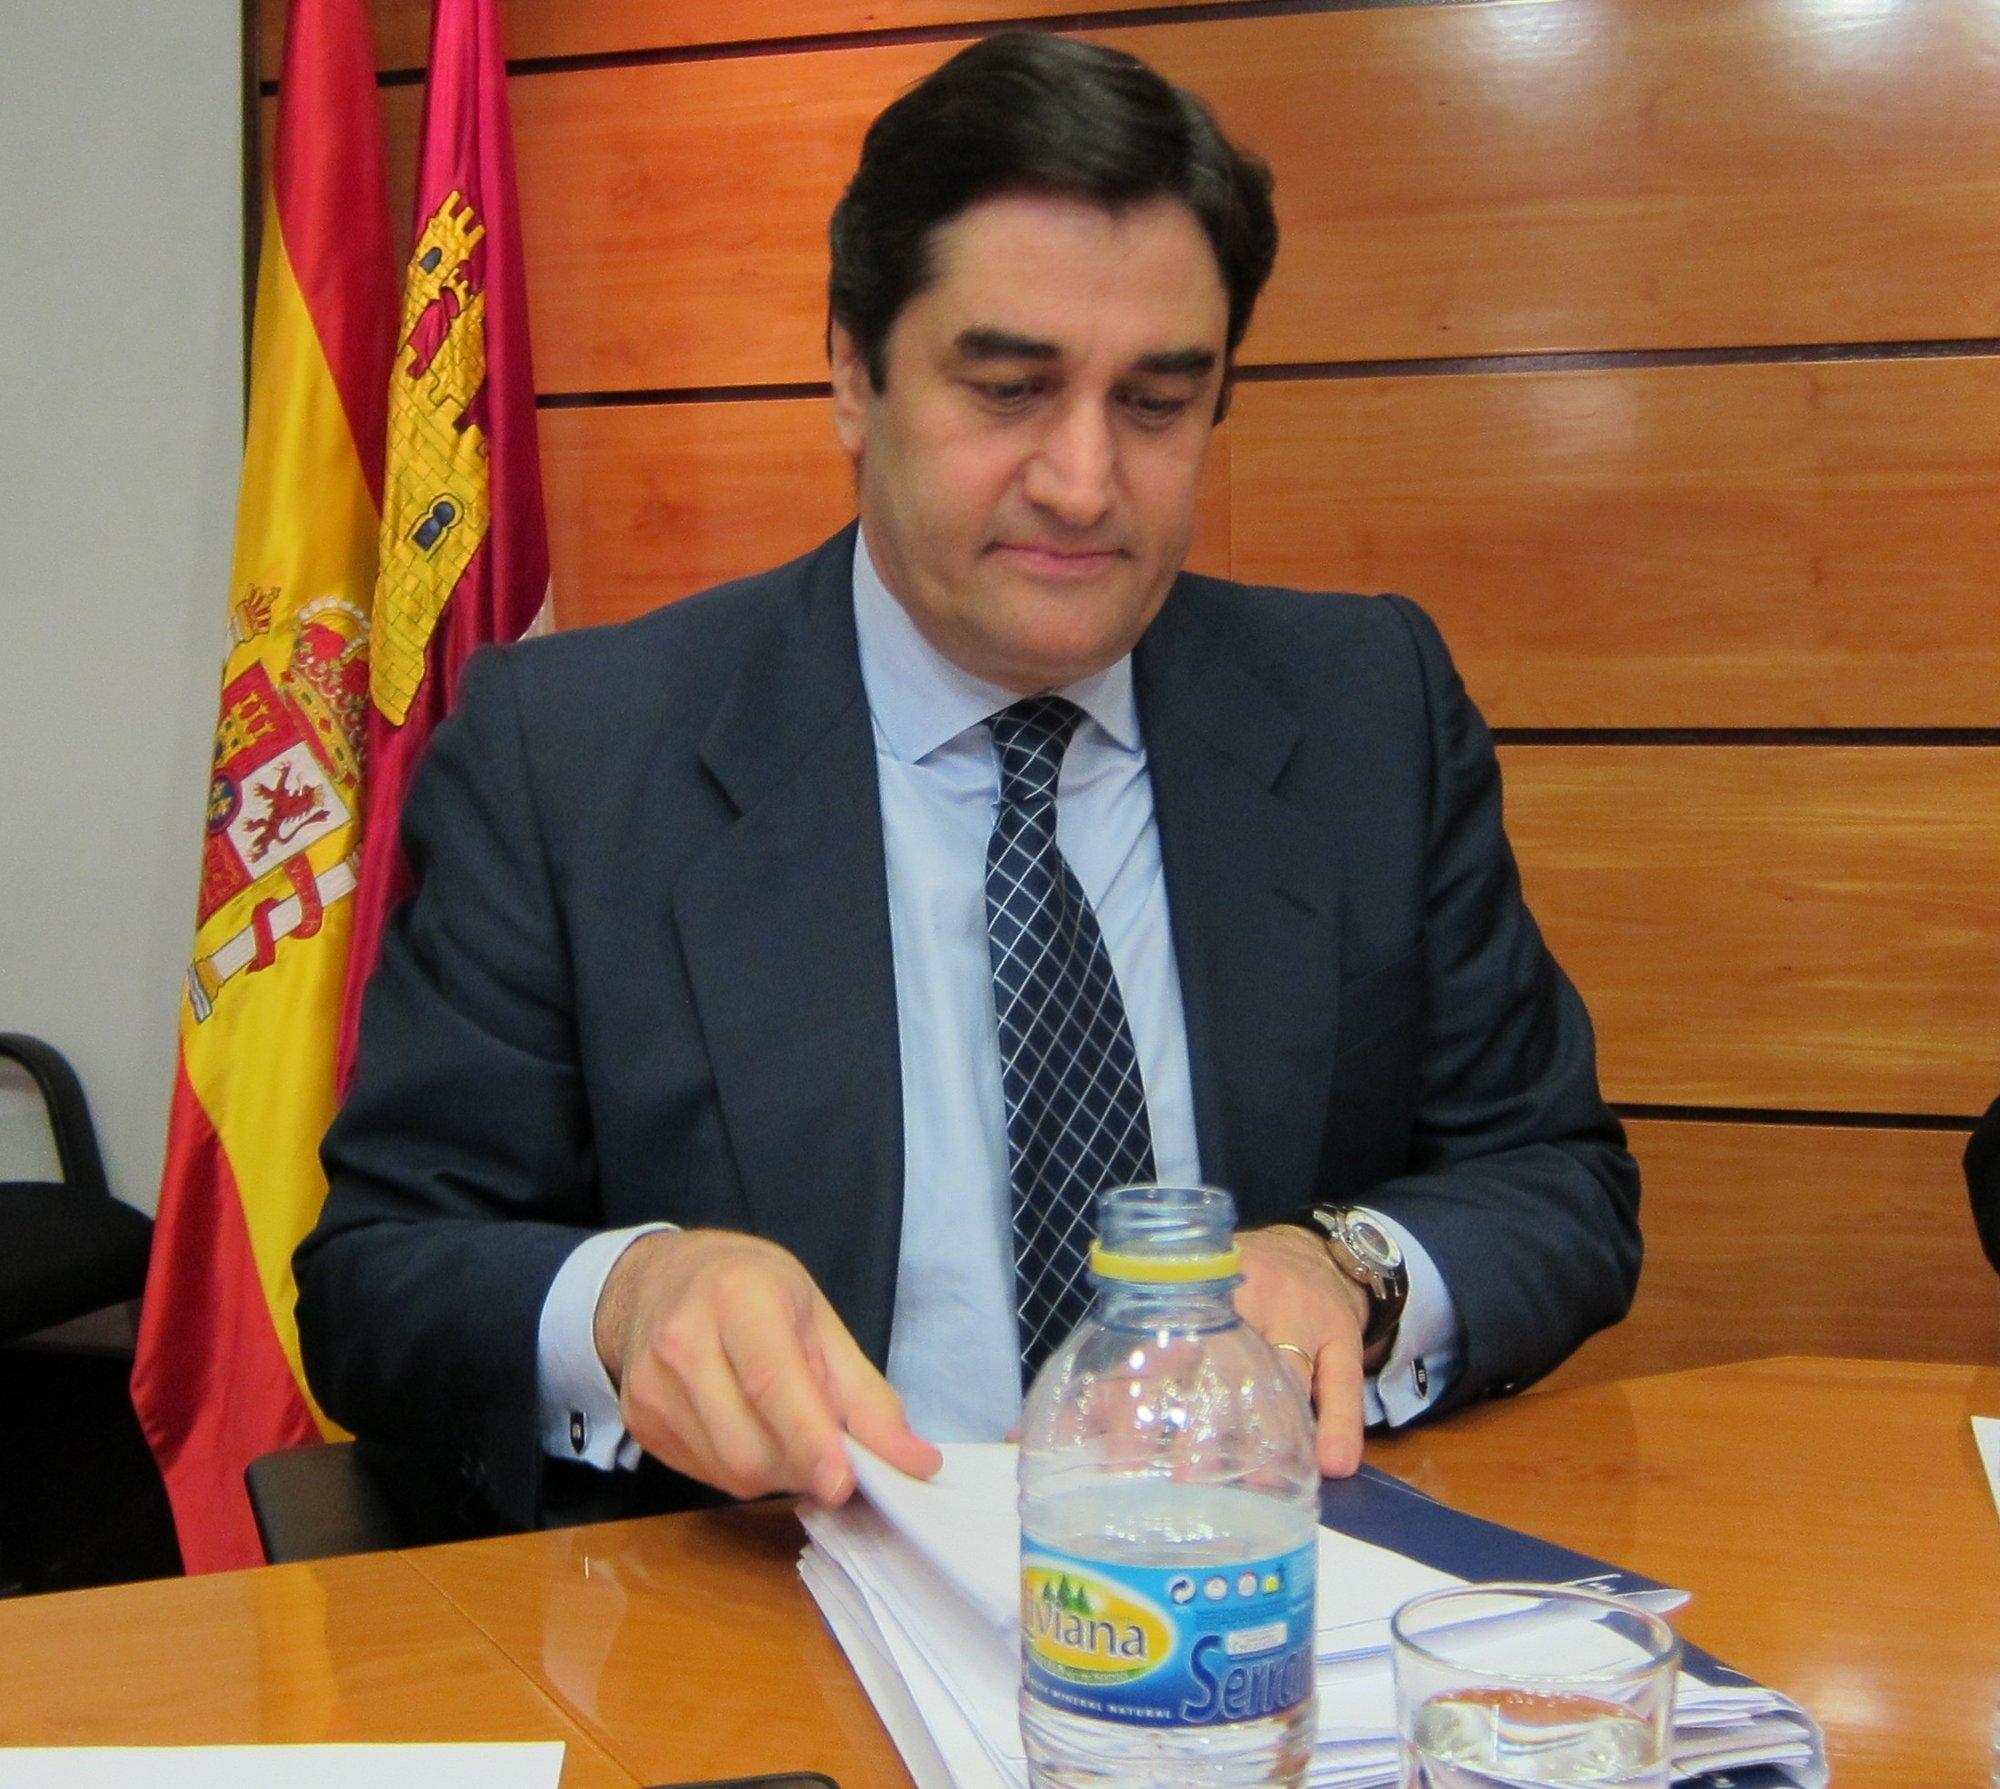 Echániz (492.389 euros) y Guijarro (210.105) son los consejeros de los dos últimos gobiernos que más dinero tienen